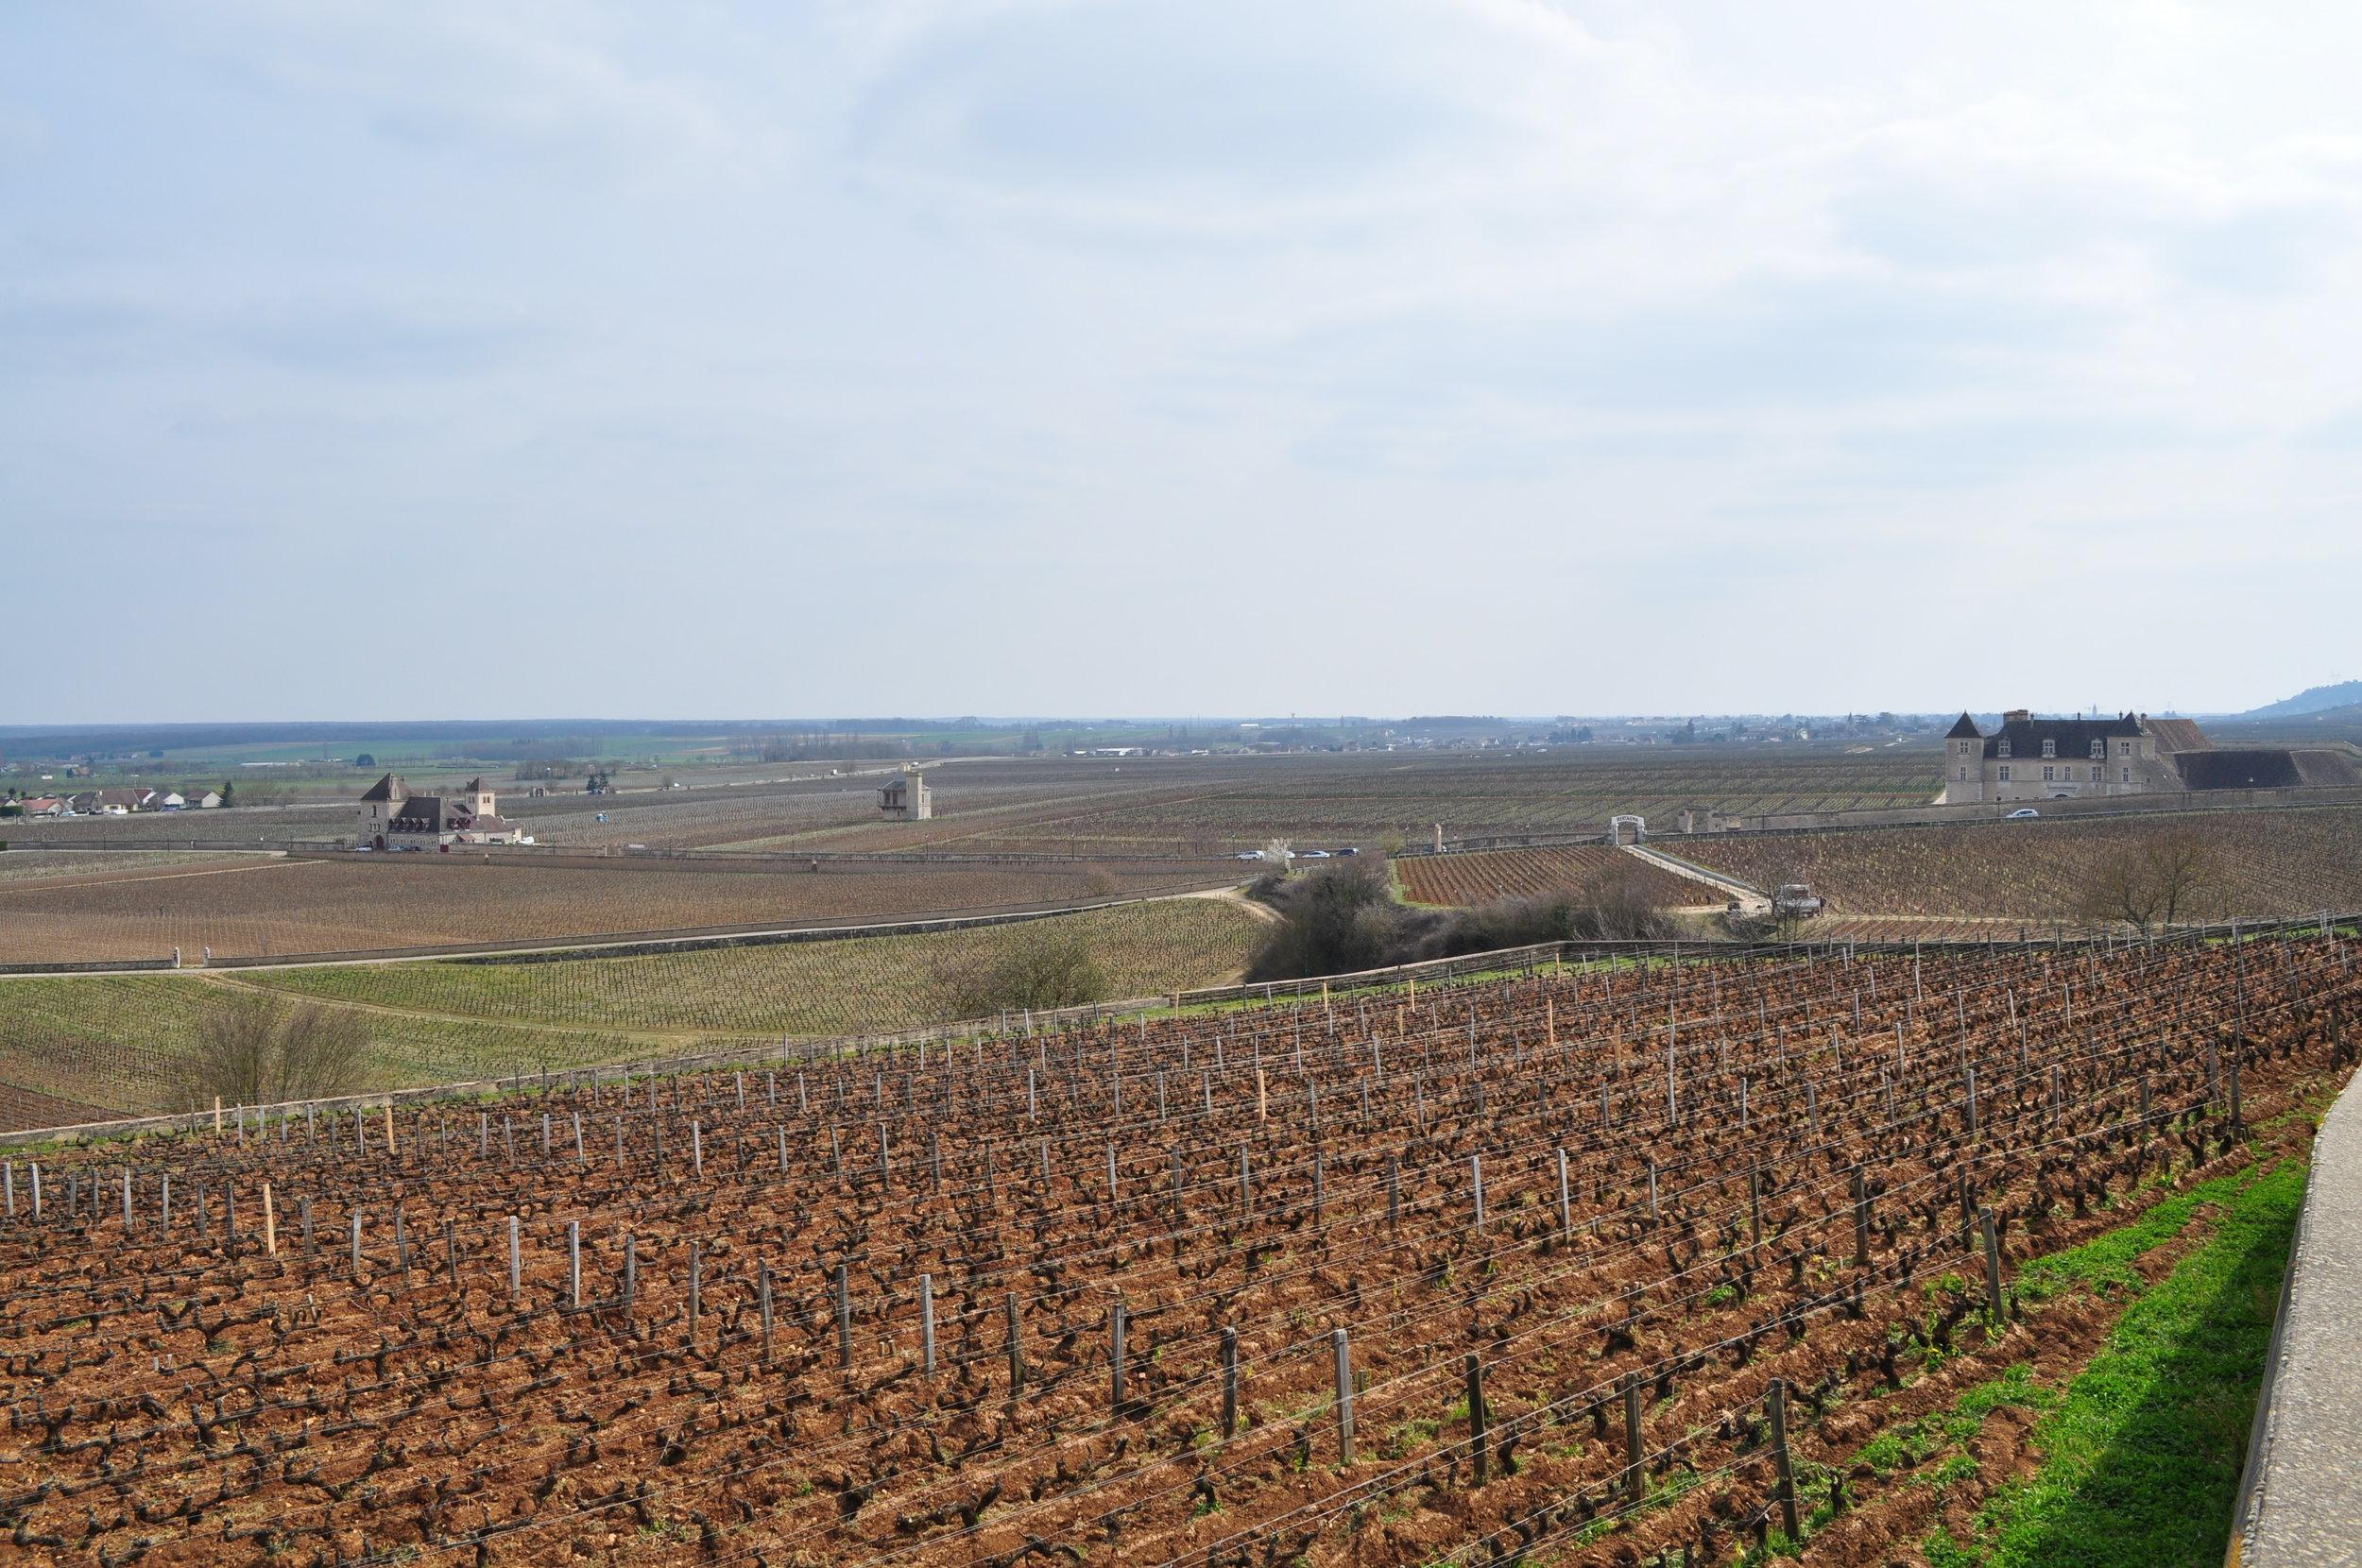 Burgundy vineyards near Chateau du Clos de Vougeot